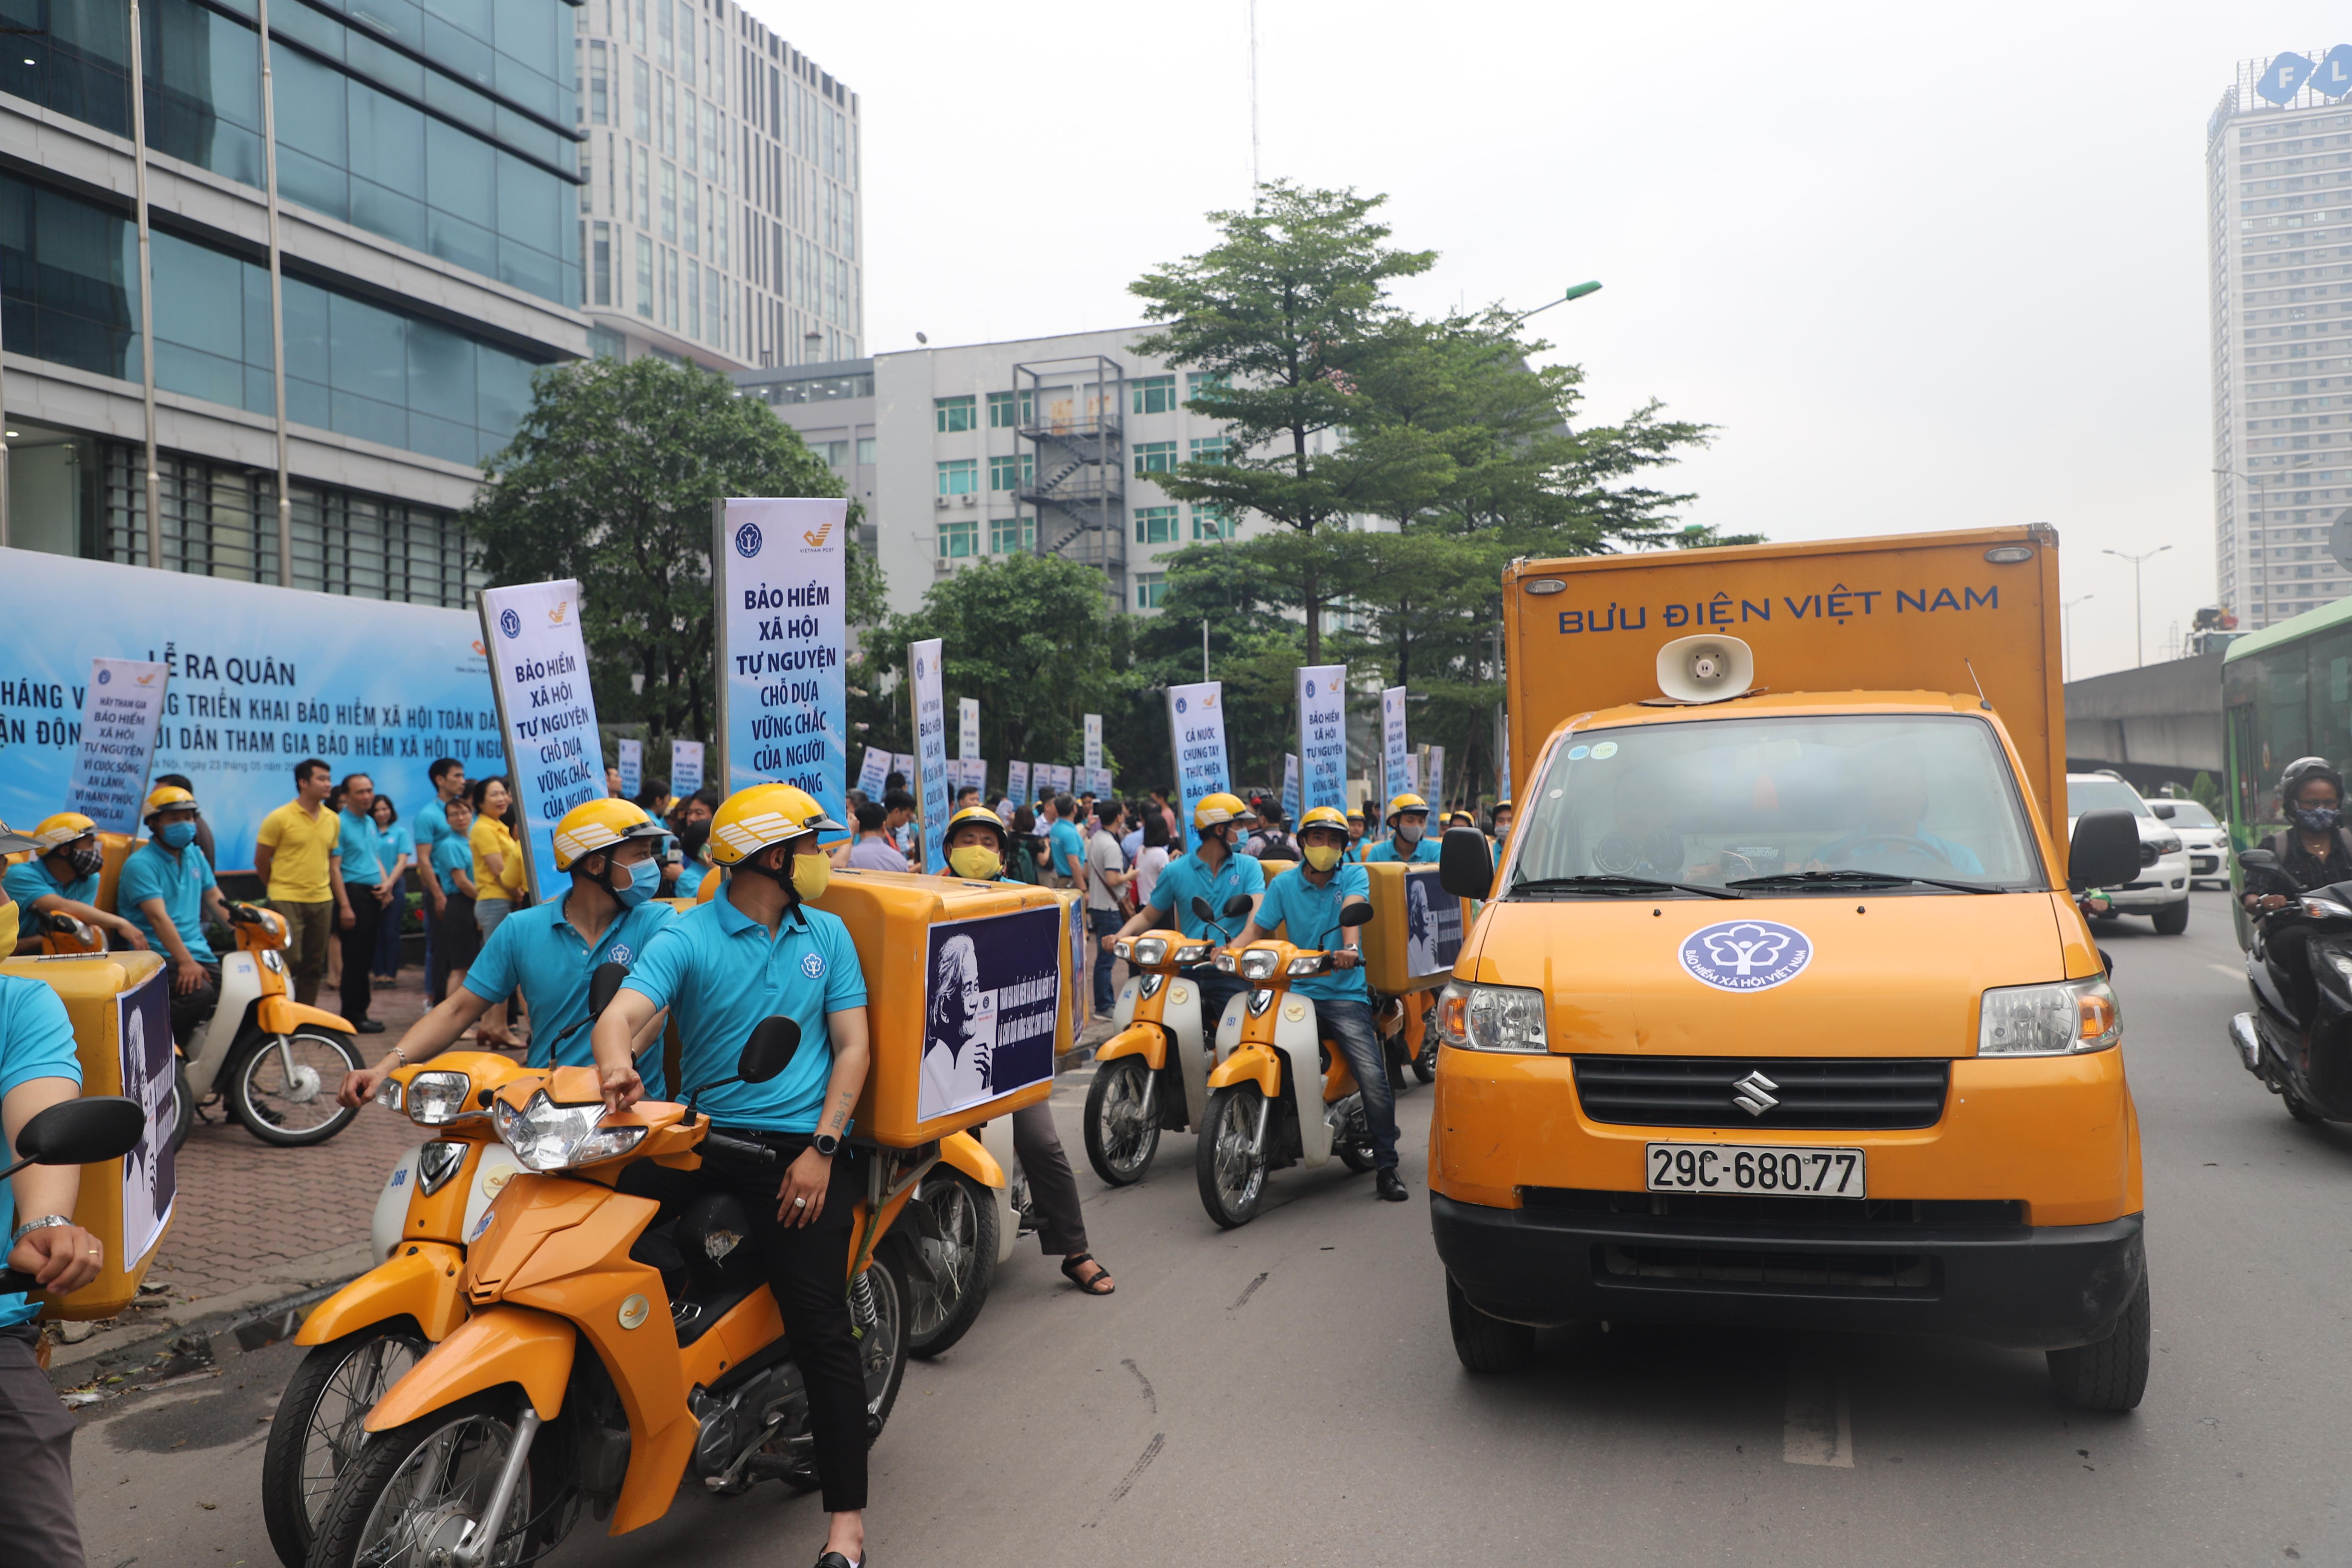 Đội tuyên truyền lưu động thực hiện tuyên truyền, vận động người dân tham gia BHXH tự nguyện (ngày 23/5/2020)